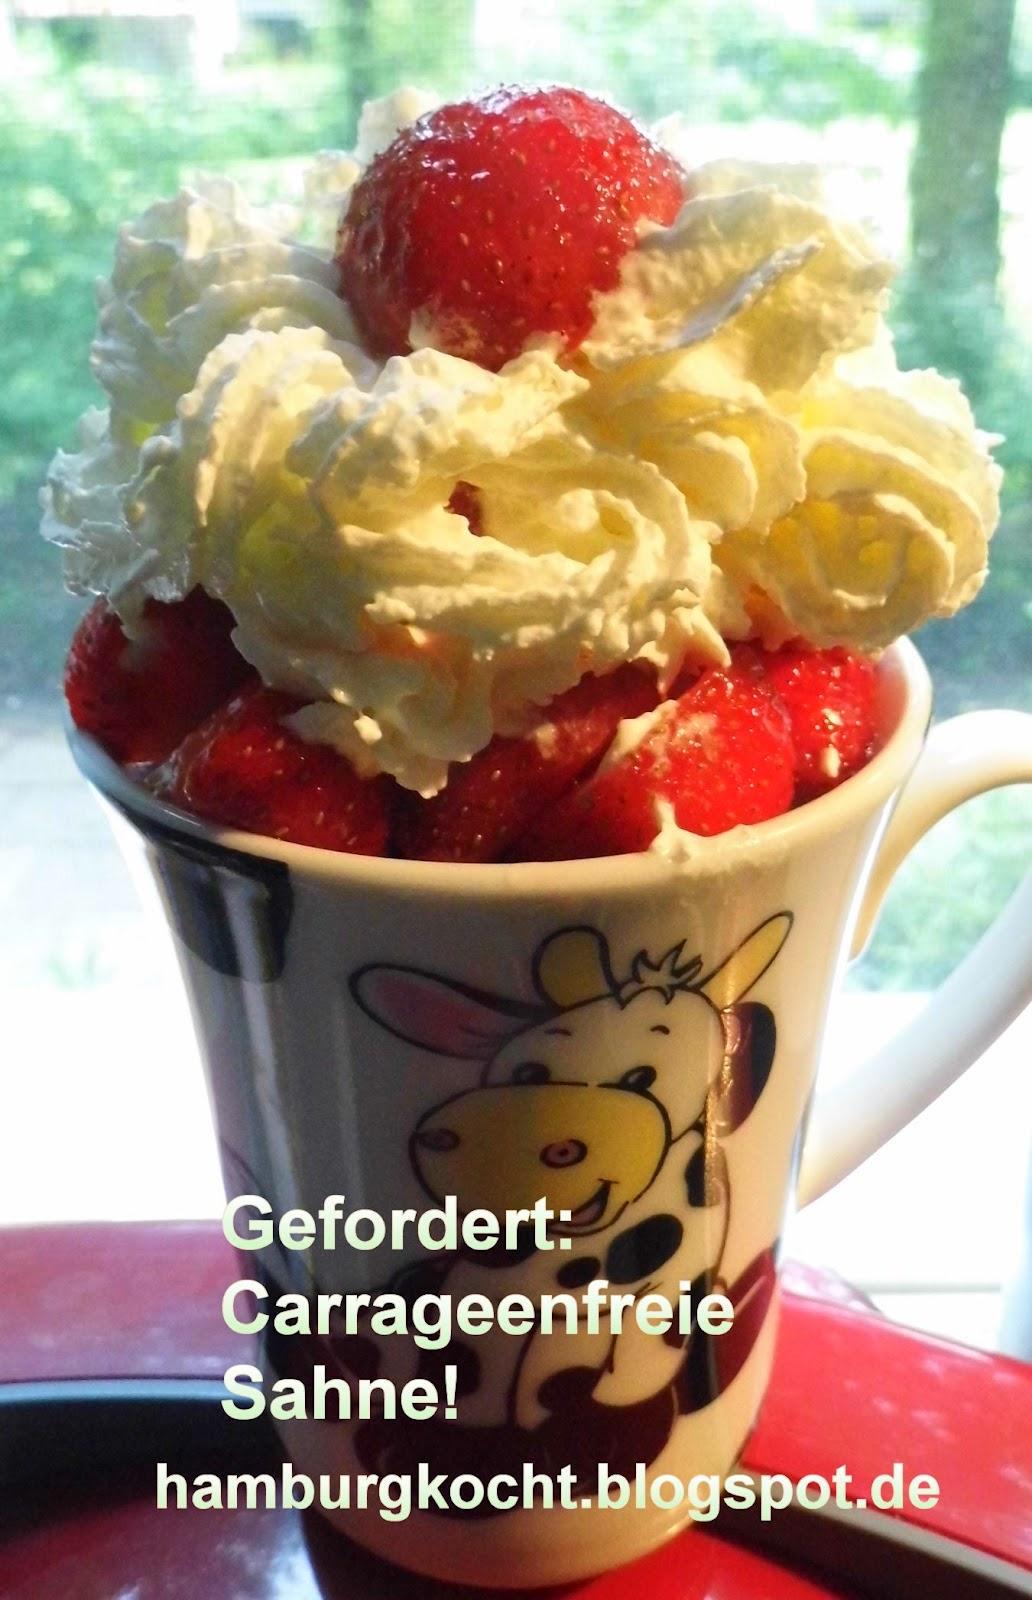 Blog-Event Gefordert: Gebt uns carrageenfreie Sahne!